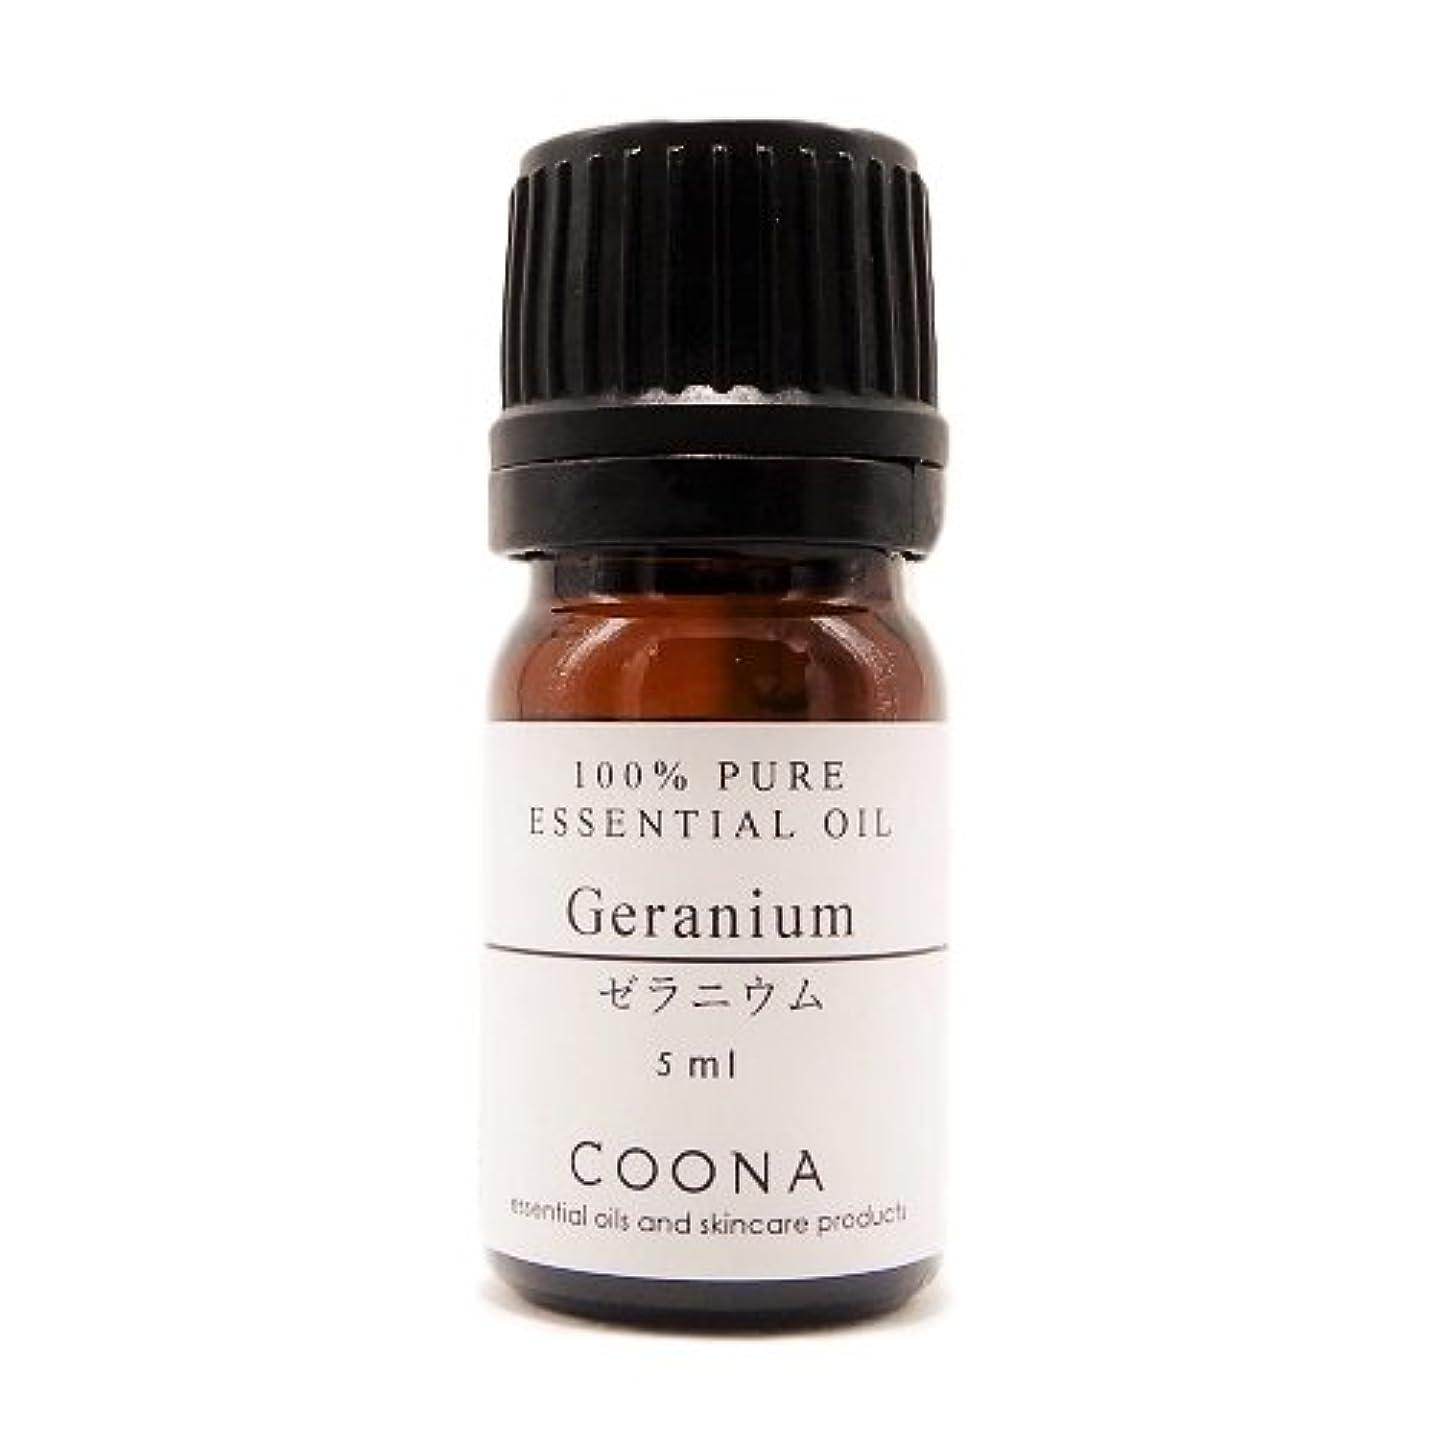 常にグリーンランドクローゼットゼラニウム 5ml (COONA エッセンシャルオイル アロマオイル 100%天然植物精油)